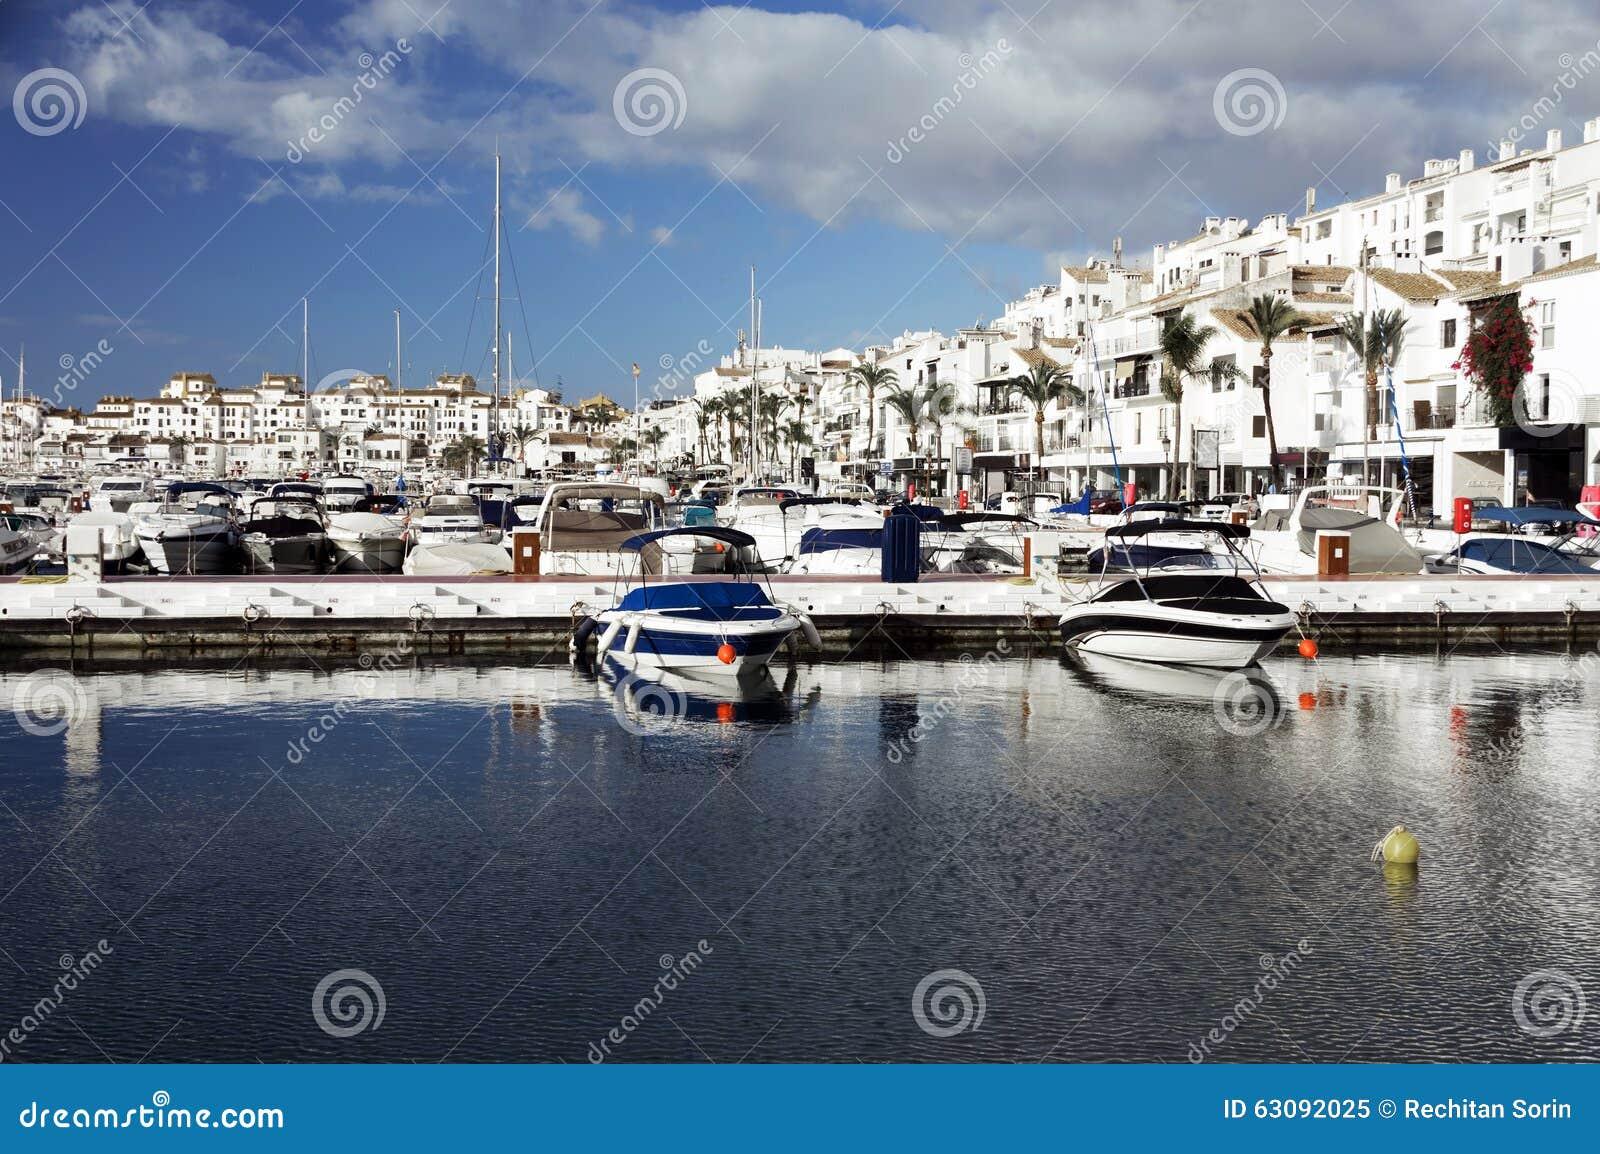 Download Marina Célèbre De Puerto Banus Près De Marbella Sur Costa Del Sol Image stock - Image du plage, loisirs: 63092025